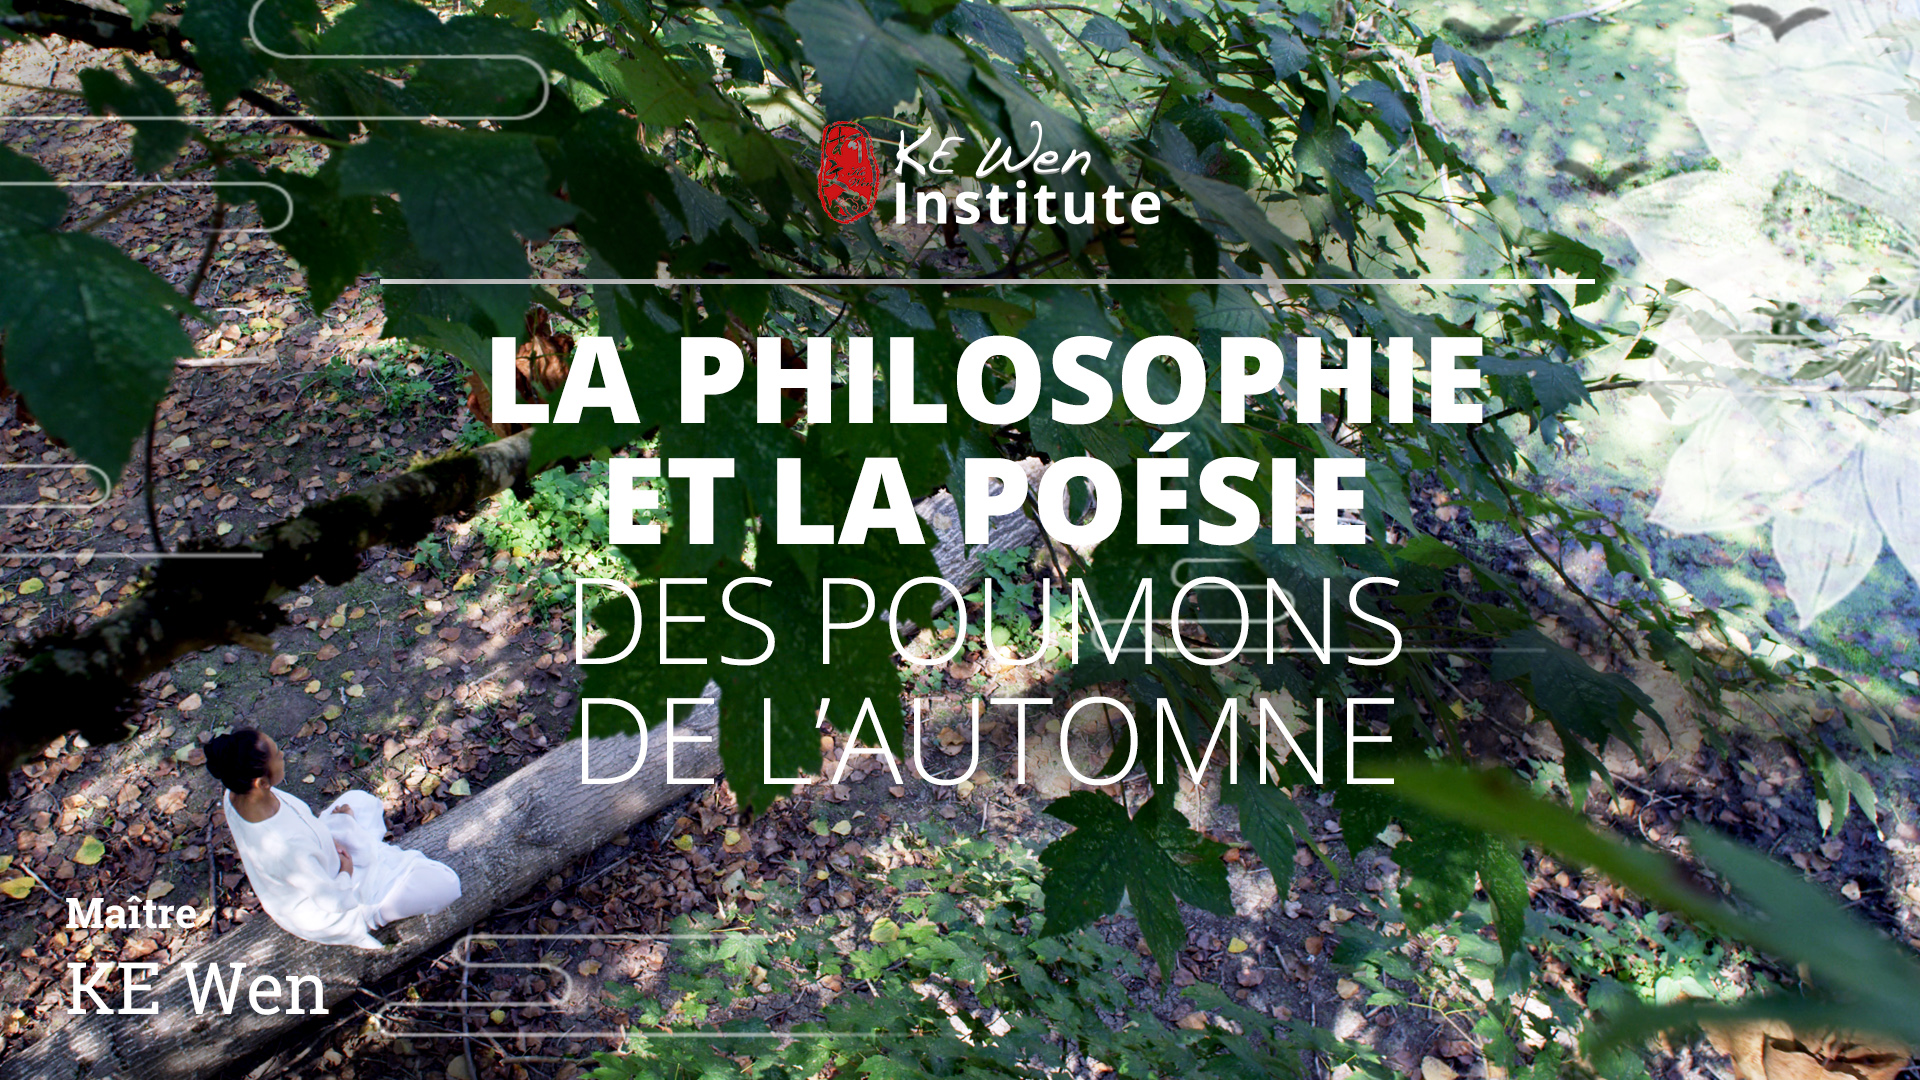 La philosophie et la poésie des poumons